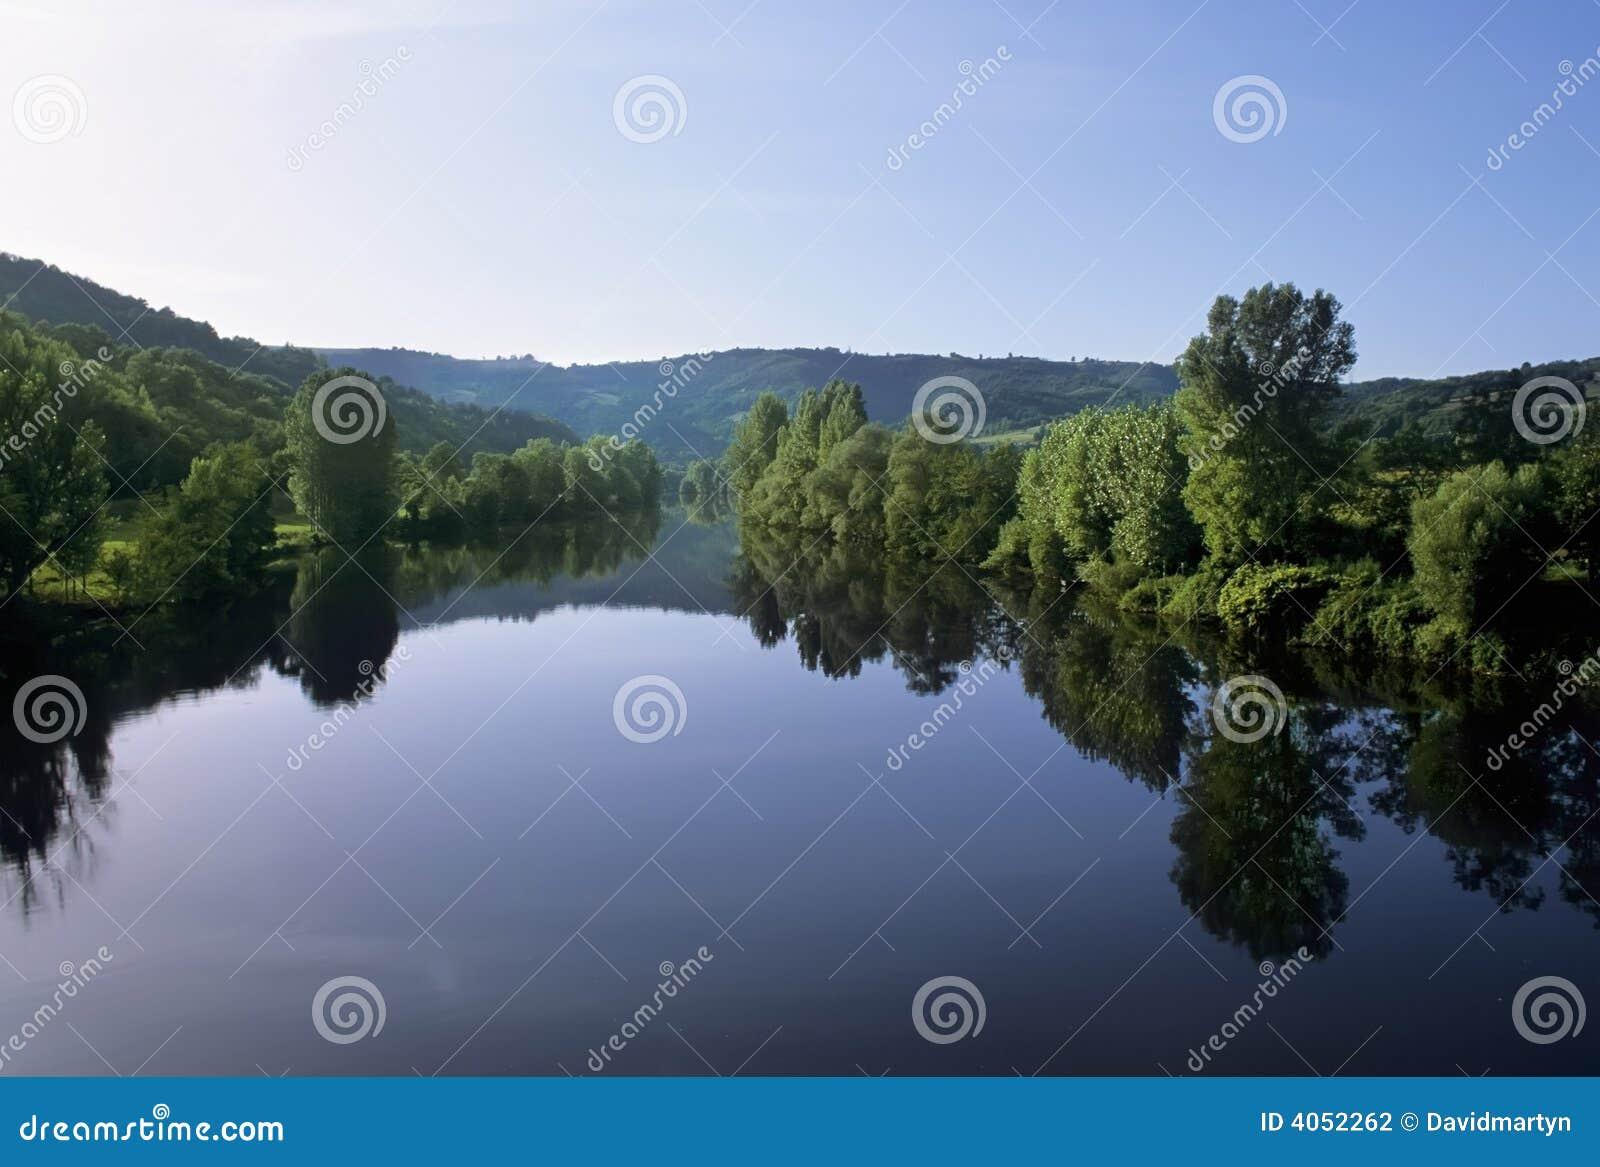 Lotto del fiume della Francia Midi pyrenees